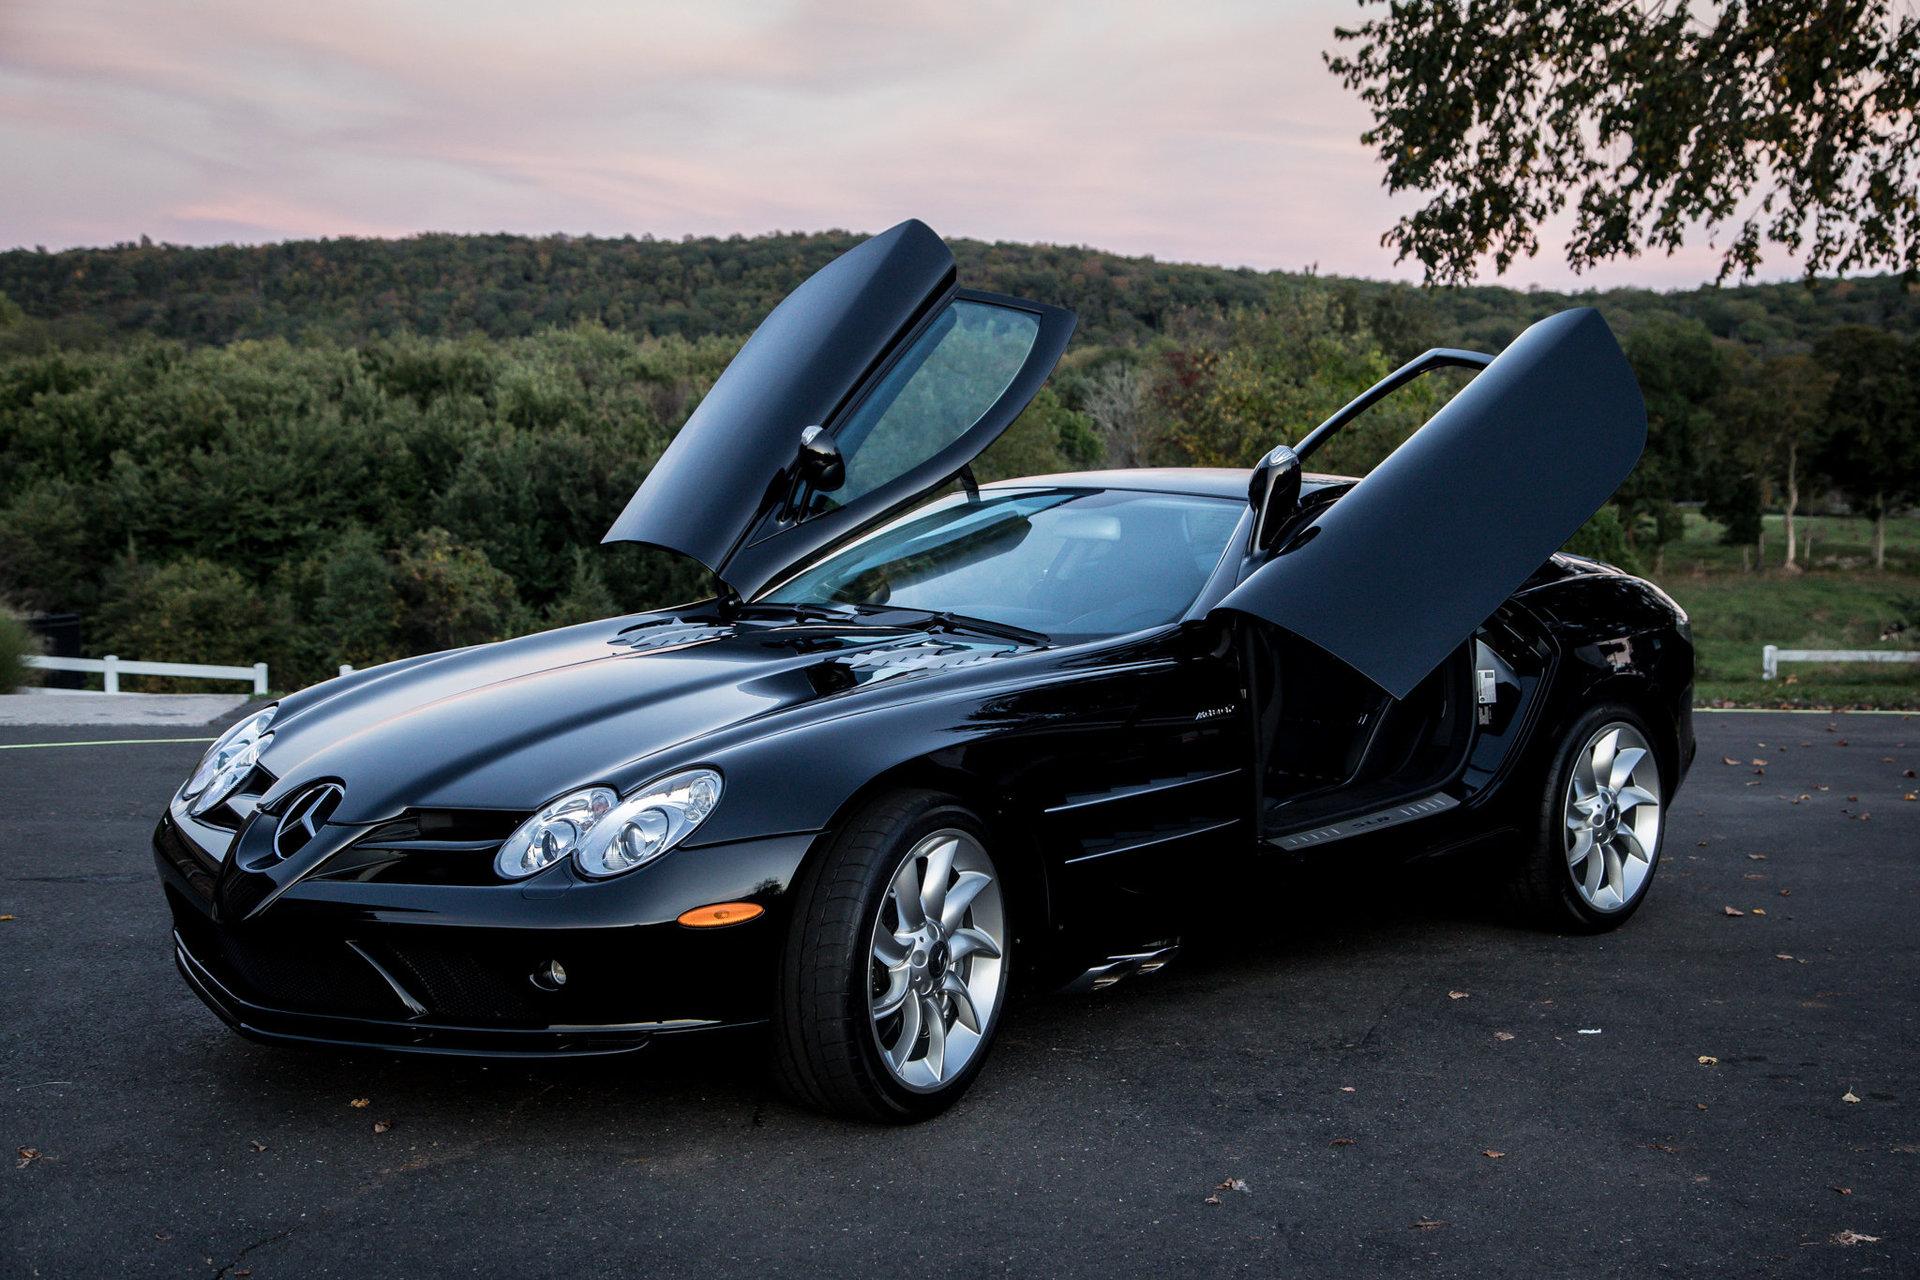 2006 mercedes benz mclaren slr gt motor cars. Black Bedroom Furniture Sets. Home Design Ideas